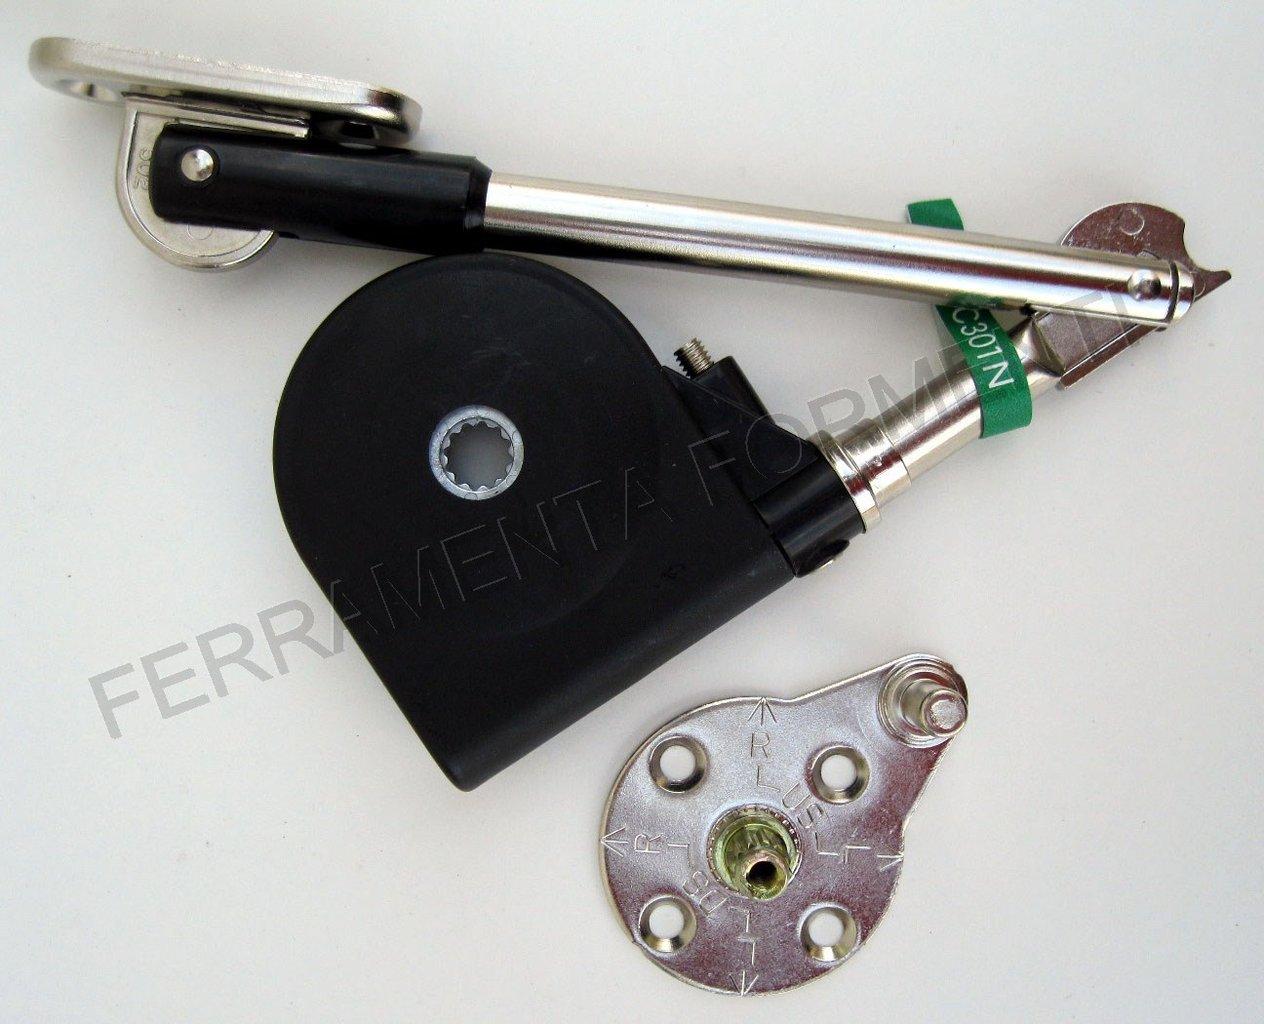 Braccio per movimento anta vasistas del mobile sds c301n - Cerniere per mobili da cucina ...